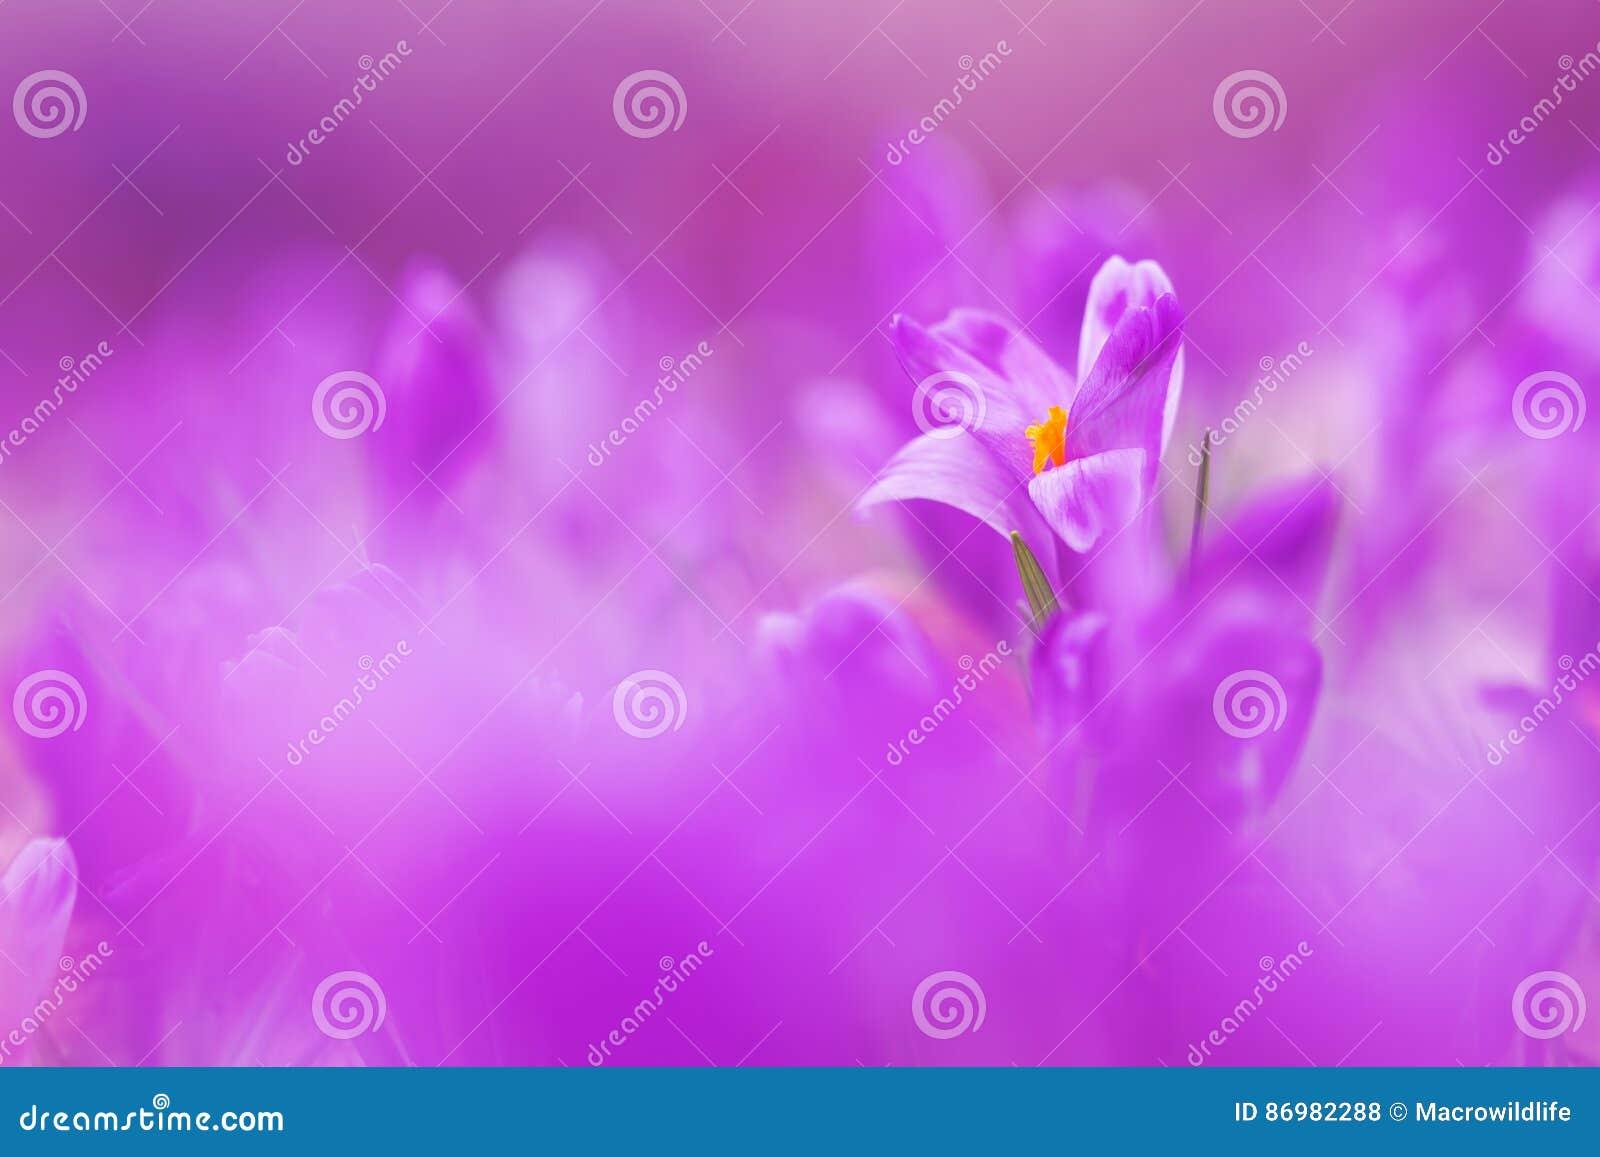 View of magic violet blooming spring flowers crocus growing in wildlife. Beautiful macro photo of wildgrowing crocus in soft viol